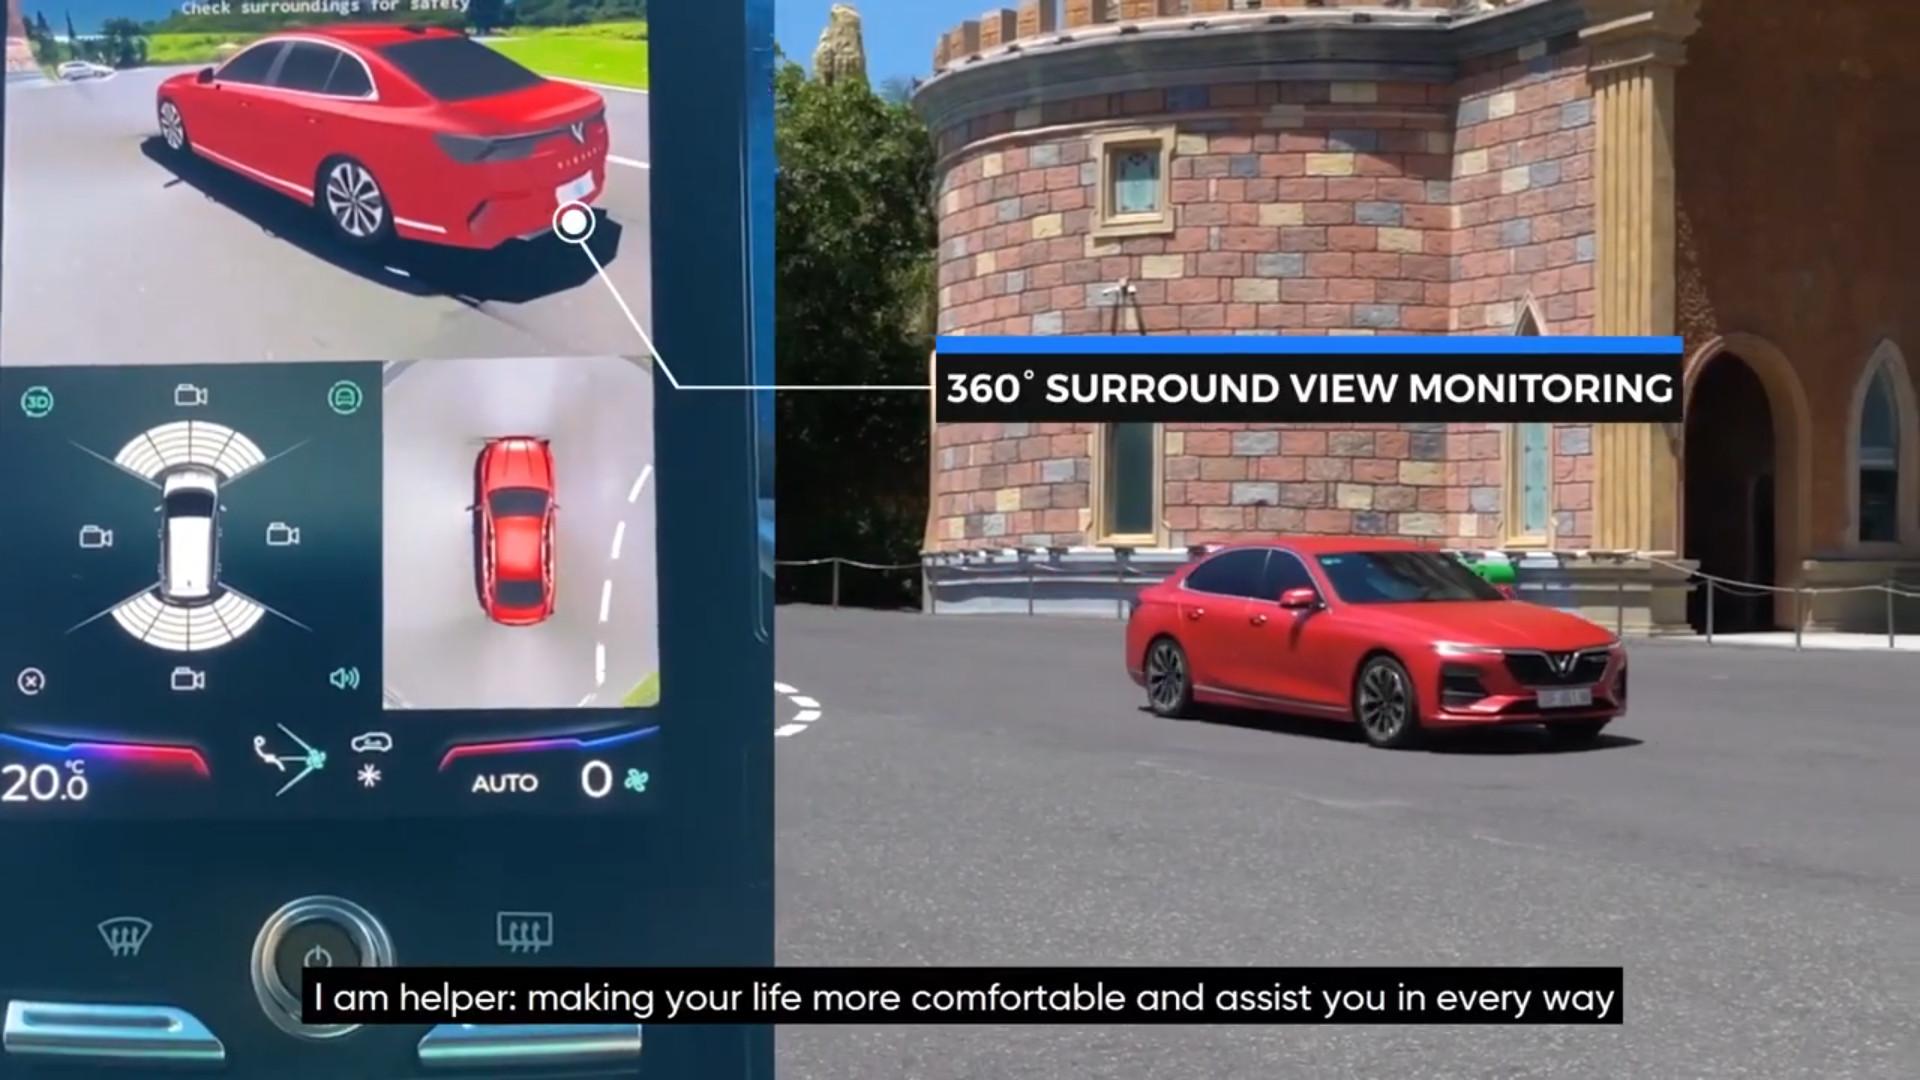 Tính năng Quan sát toàn cảnh 360 độ (Surround View Monitoring - SVM)